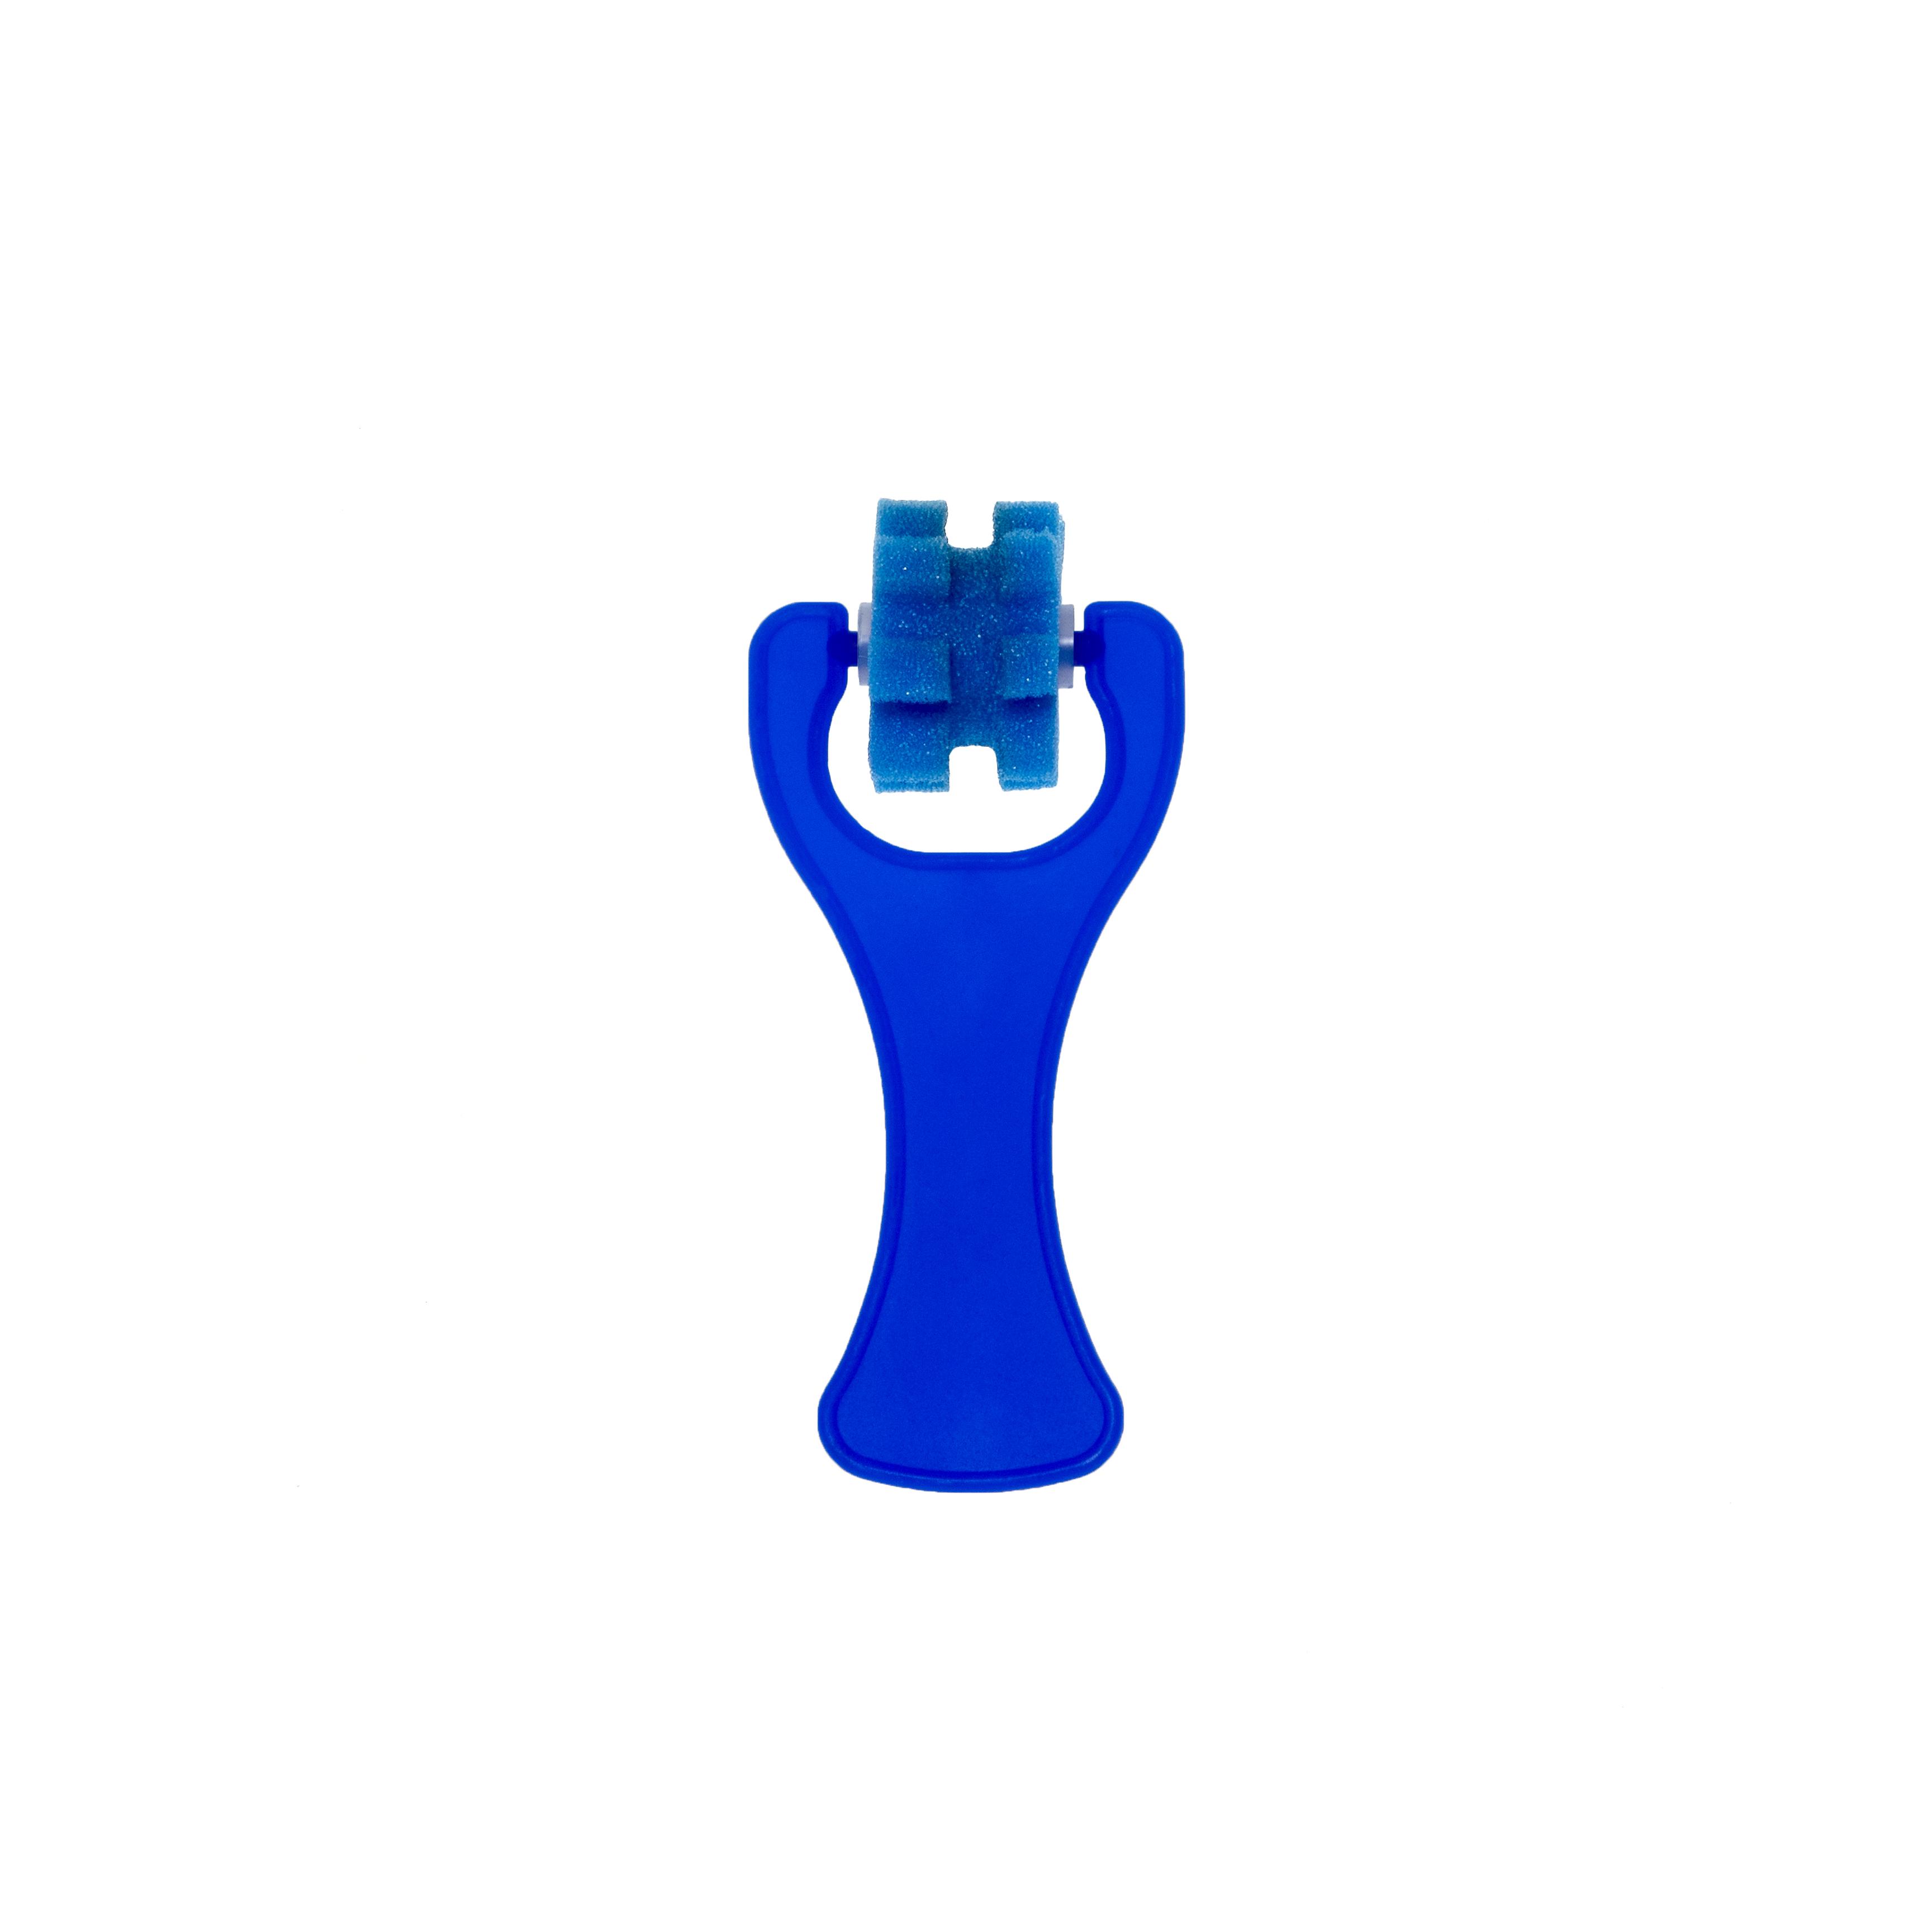 Купить Валик для рисования, 3 шт. фигурный, 1шт., Jovi 812, Китай, blue